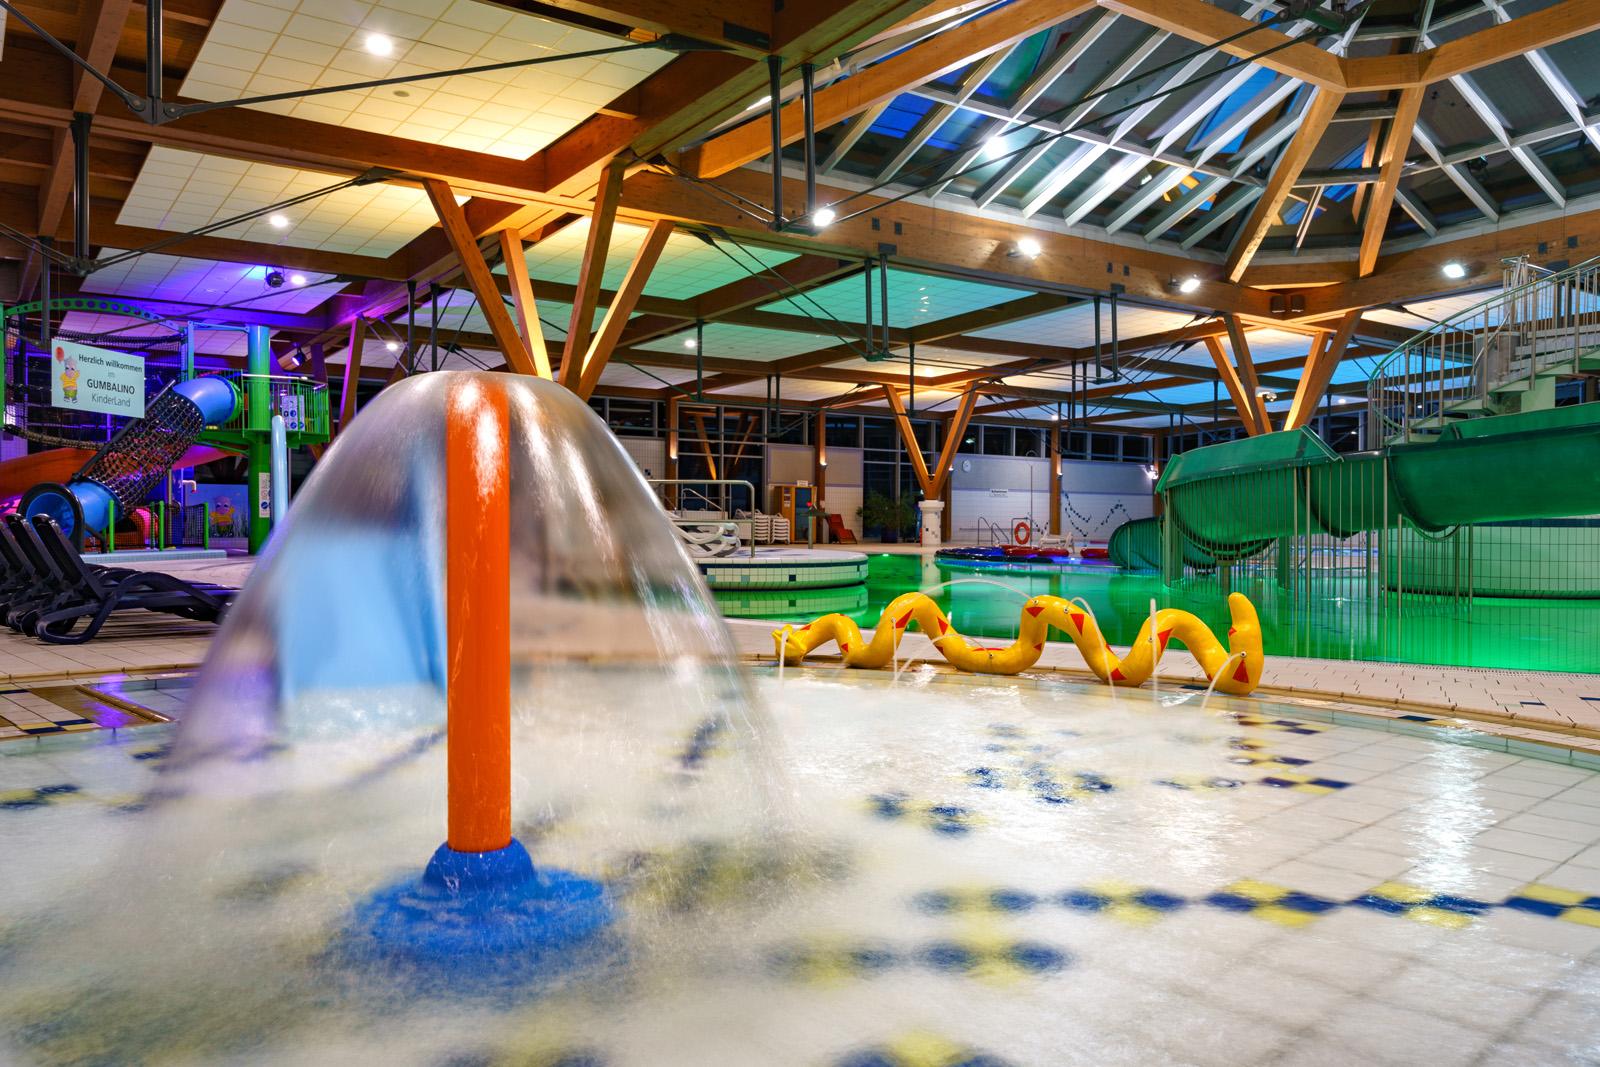 Zwembad De Does : Zwembad de does fresh het zwembad picture of hotel los caneyes